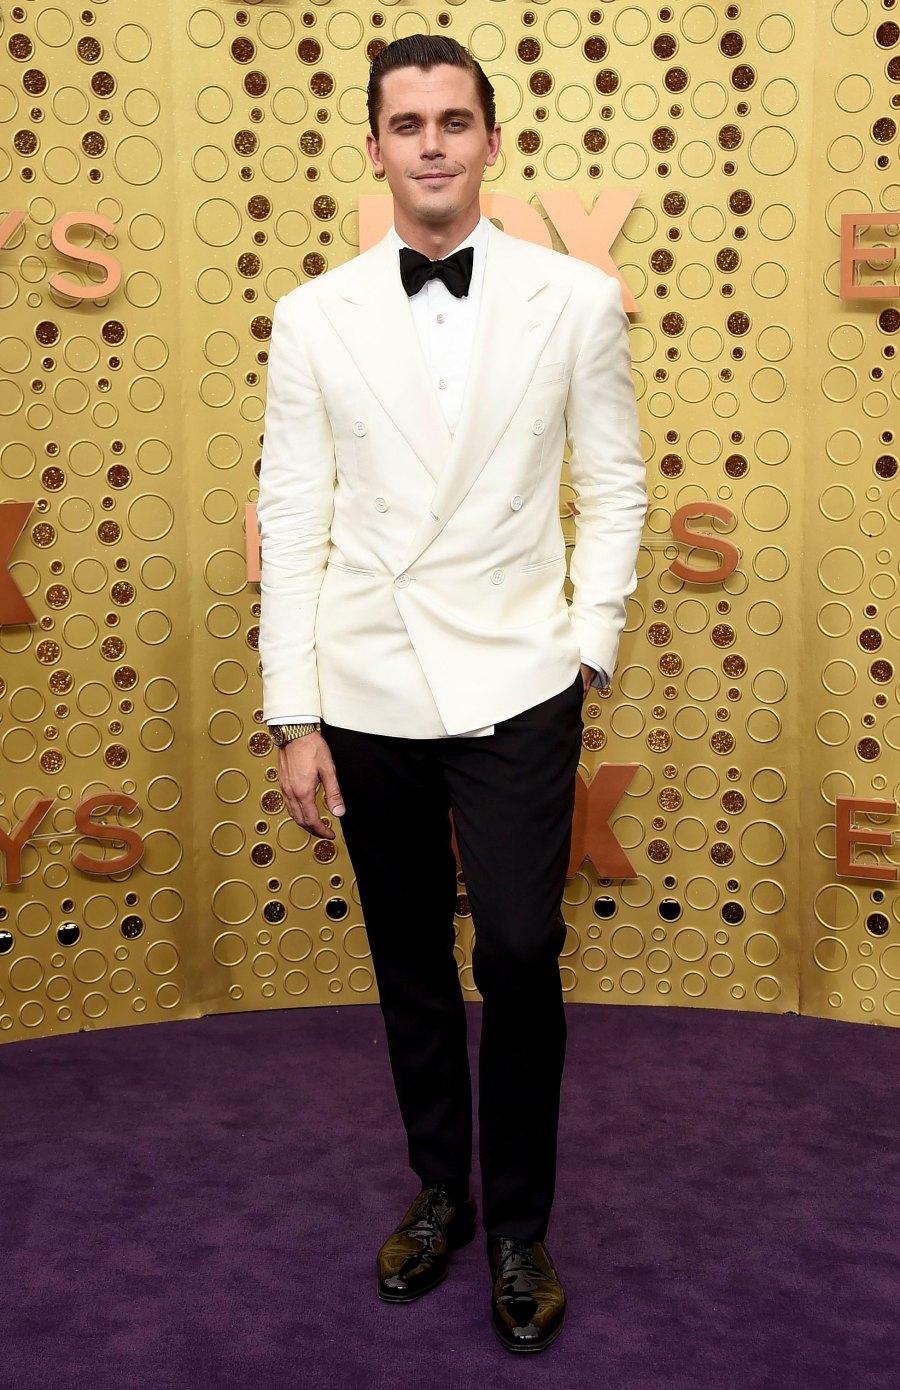 Emmys 2019 Hottest Hunks - Antoni Porowski